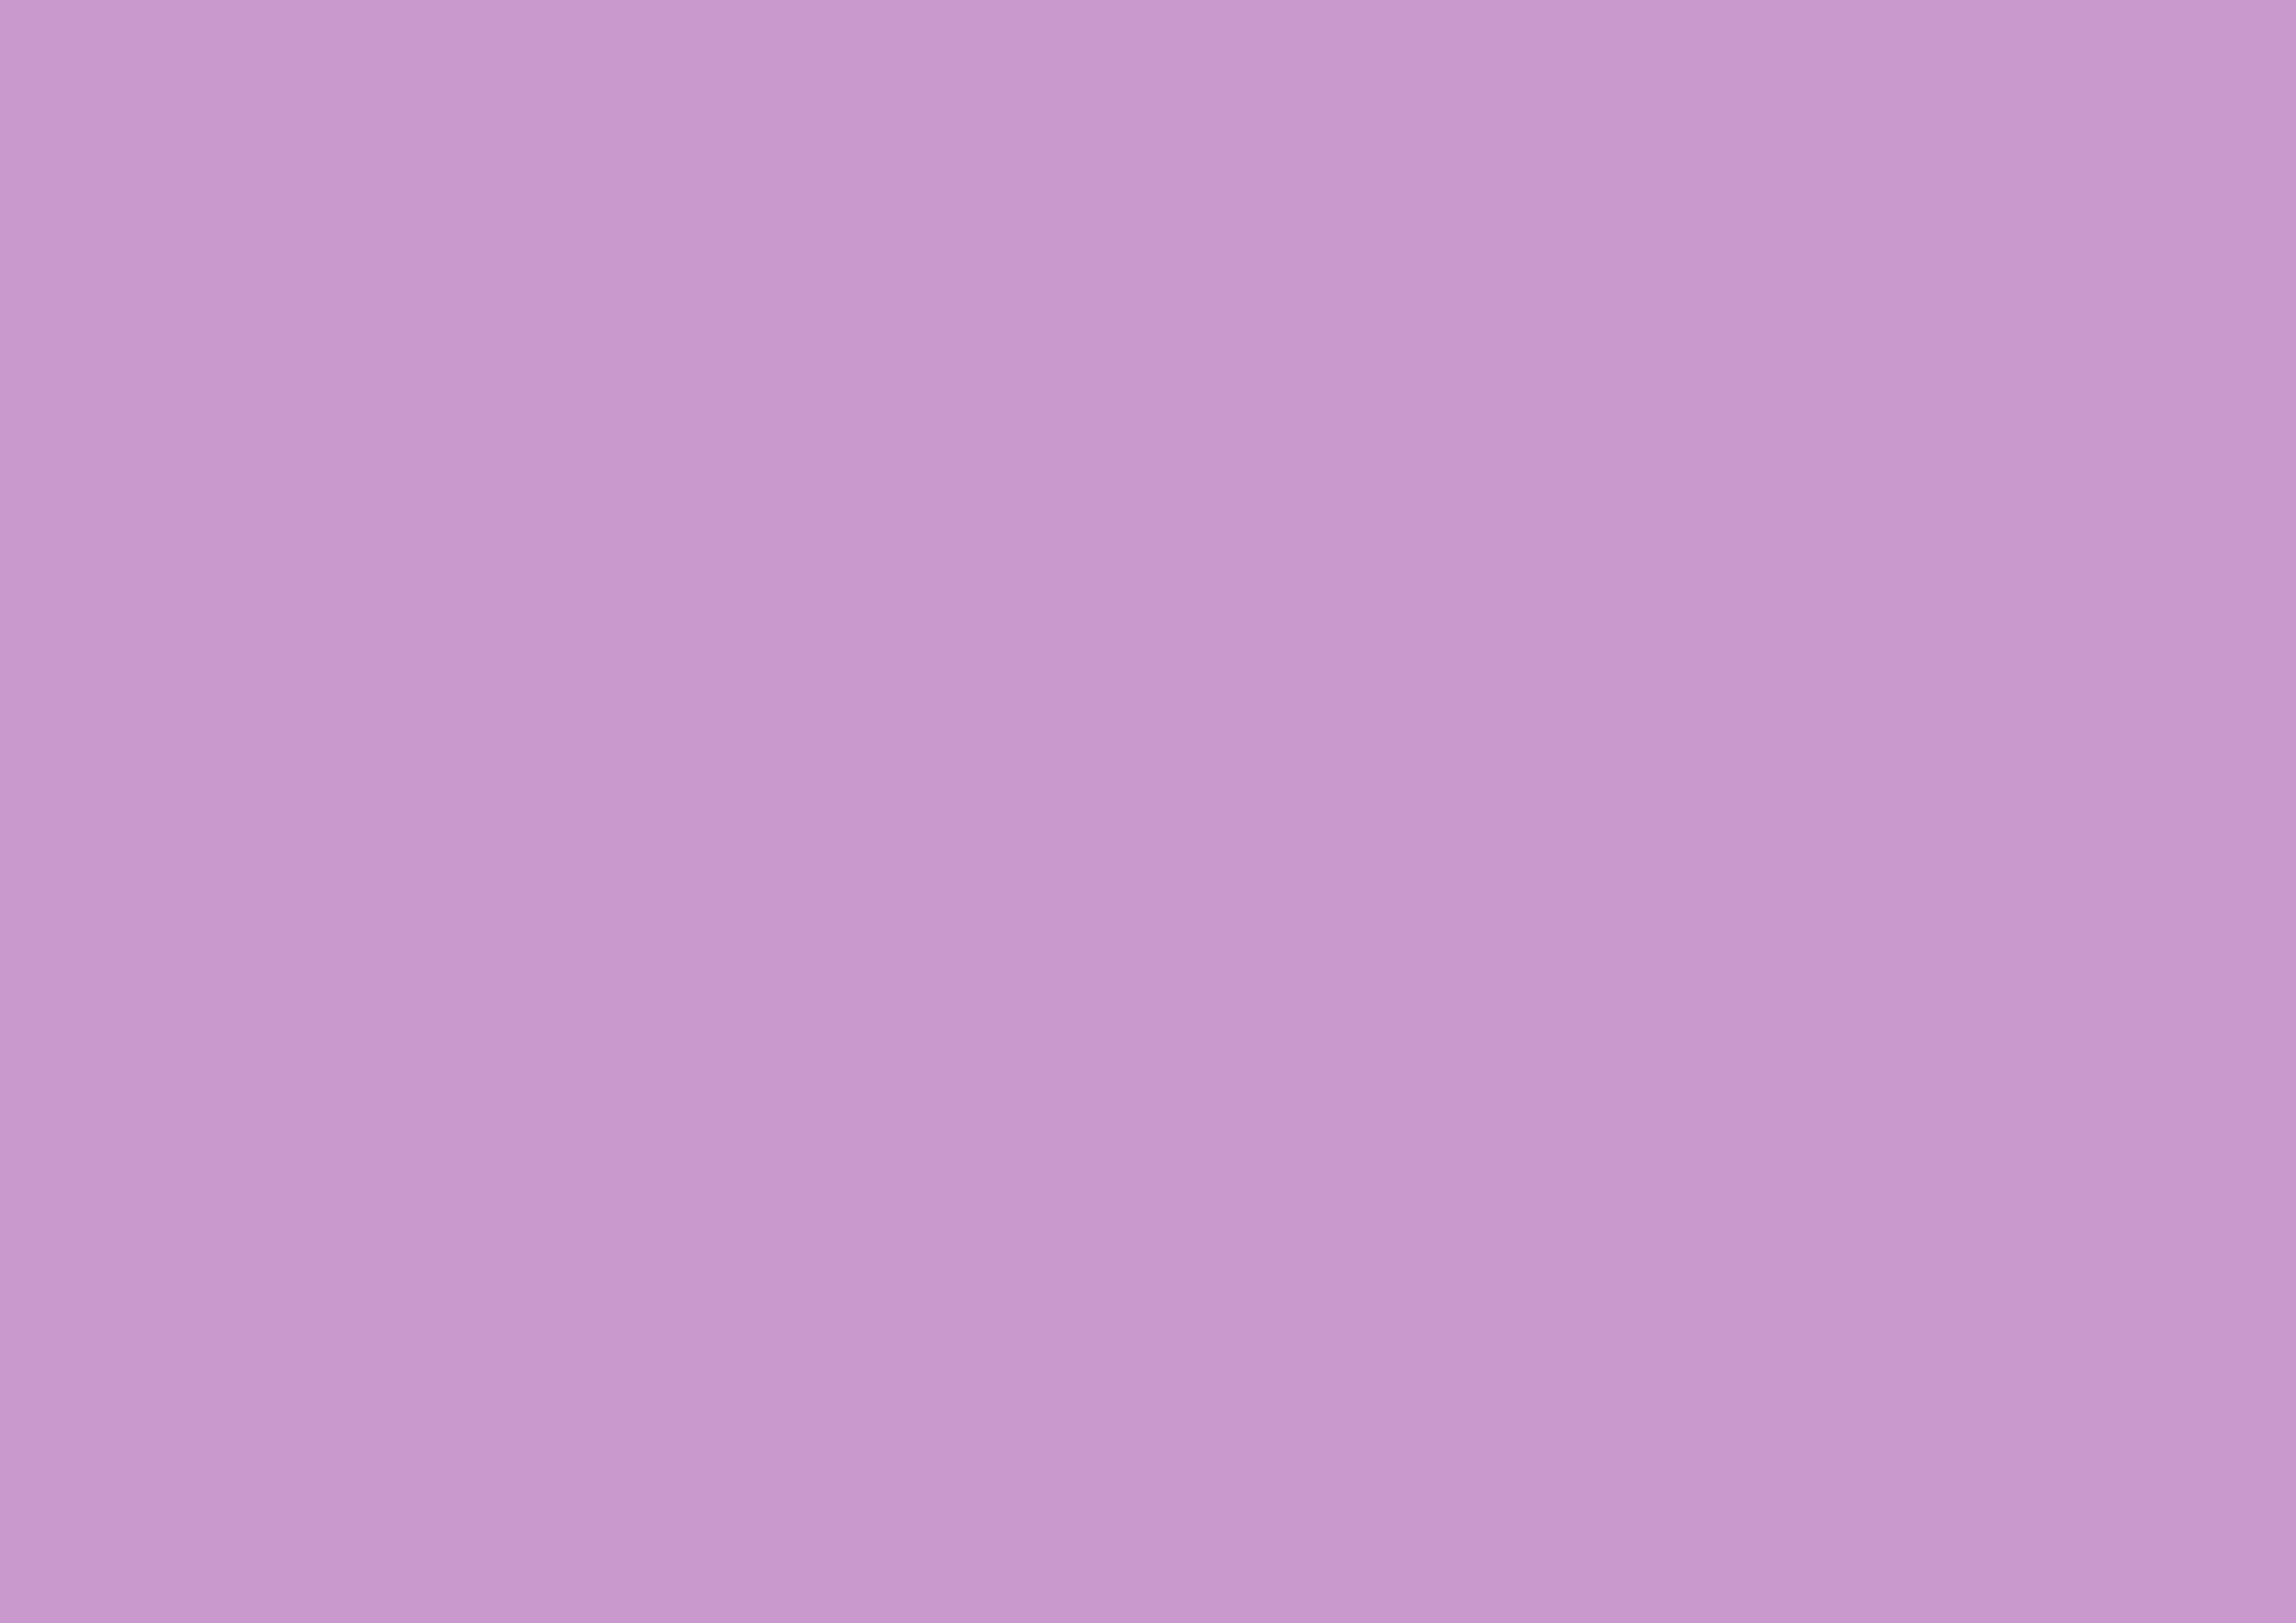 3508x2480 Pastel Violet Solid Color Background